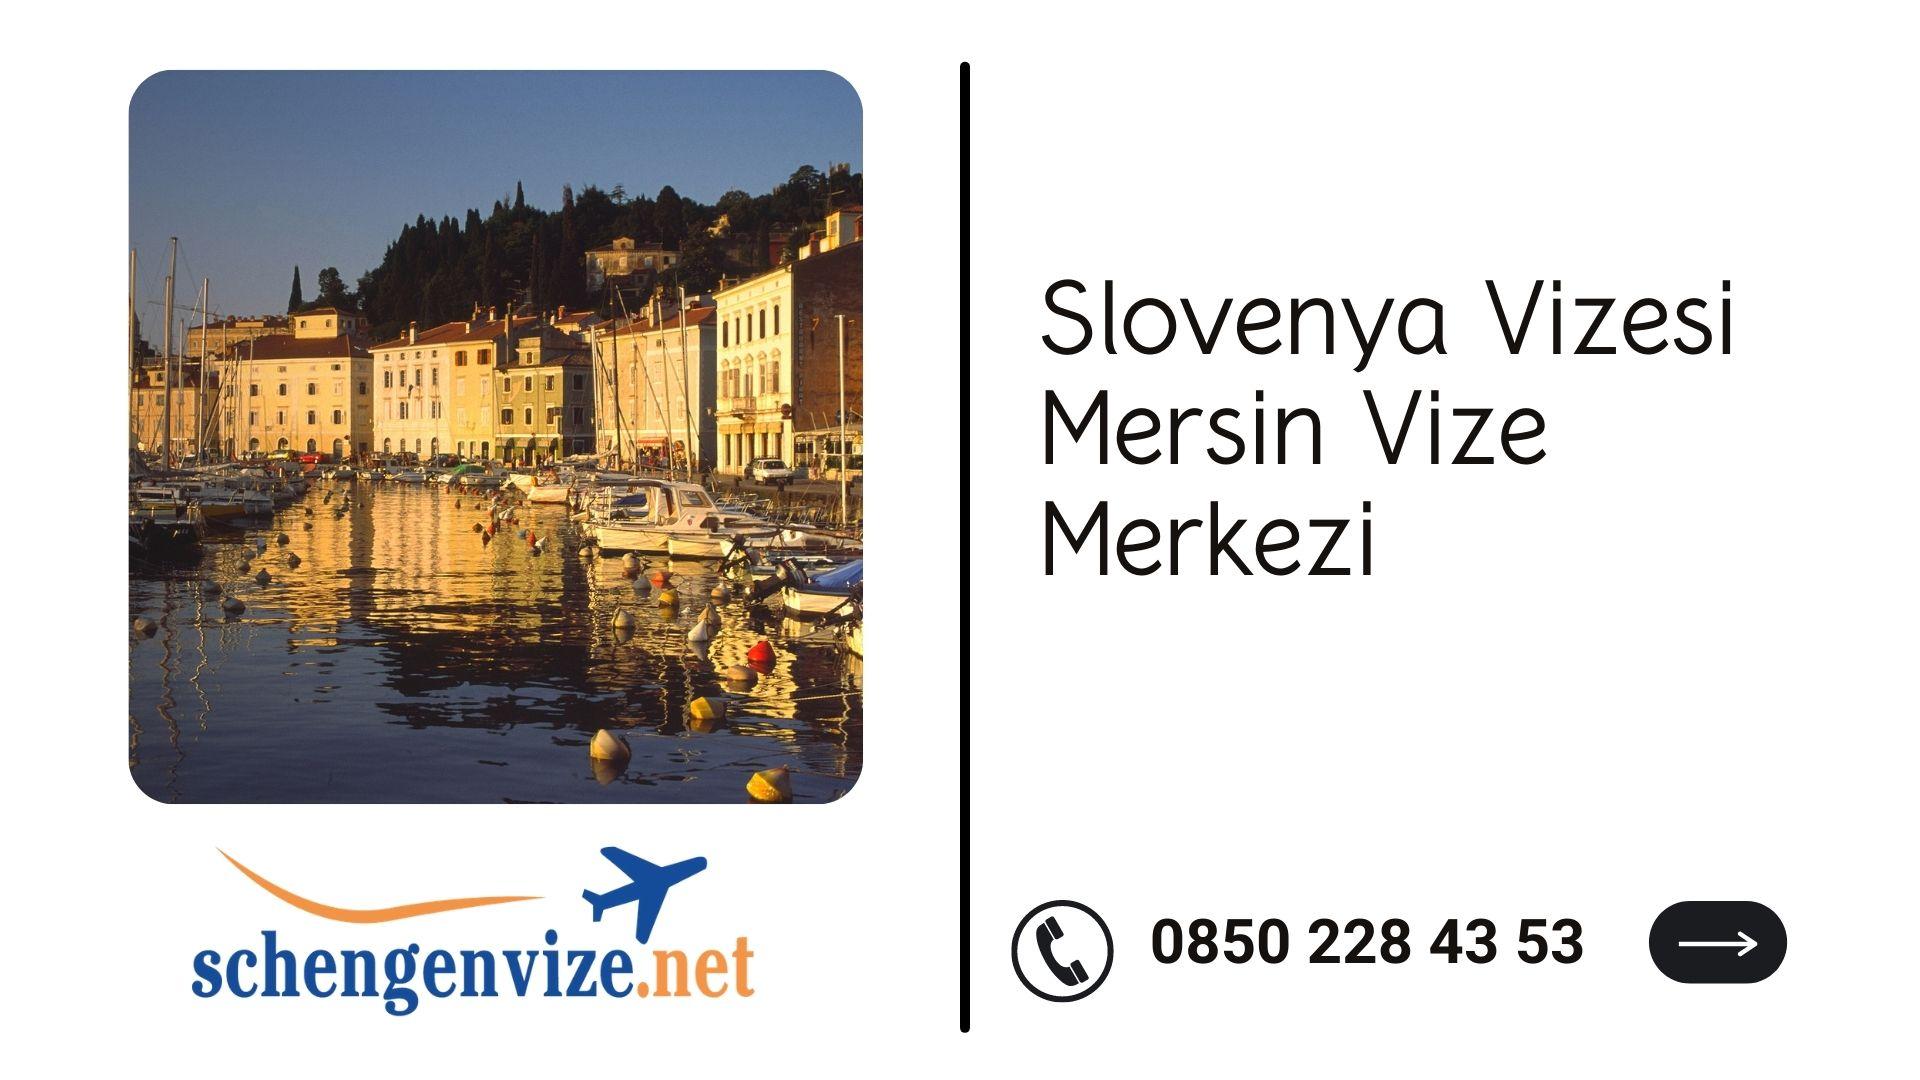 Slovenya Vizesi Mersin Vize Merkezi